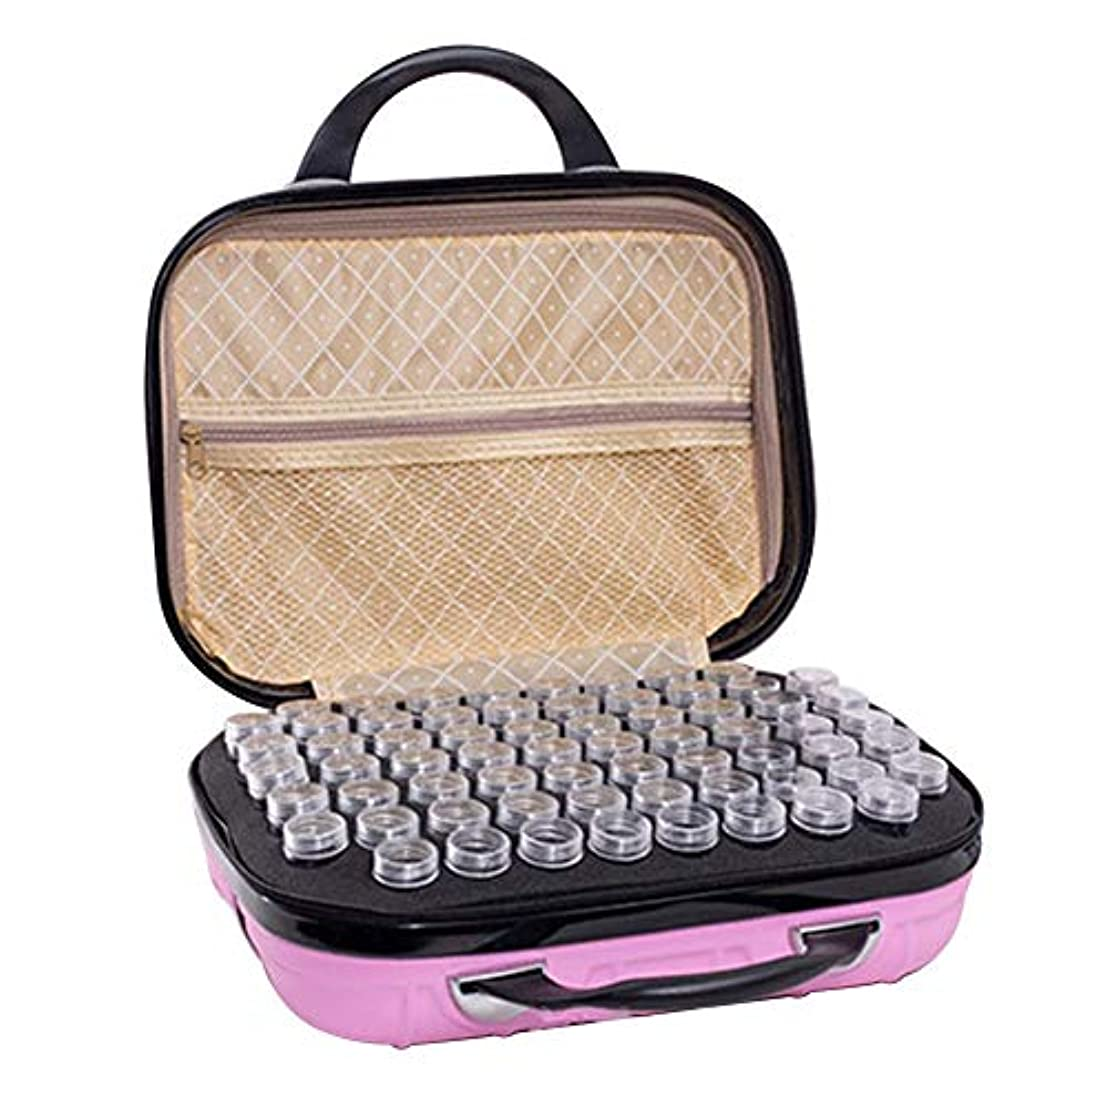 毎年ゆりかご充電精油収納ボックス エッセンシャルオイルケース 携帯用 香水収納バッグ アロマケース 精油ケース 大容量 傷防止 耐衝撃 アロマセラピストポーチ エッセンシャルオイル収納ボックス